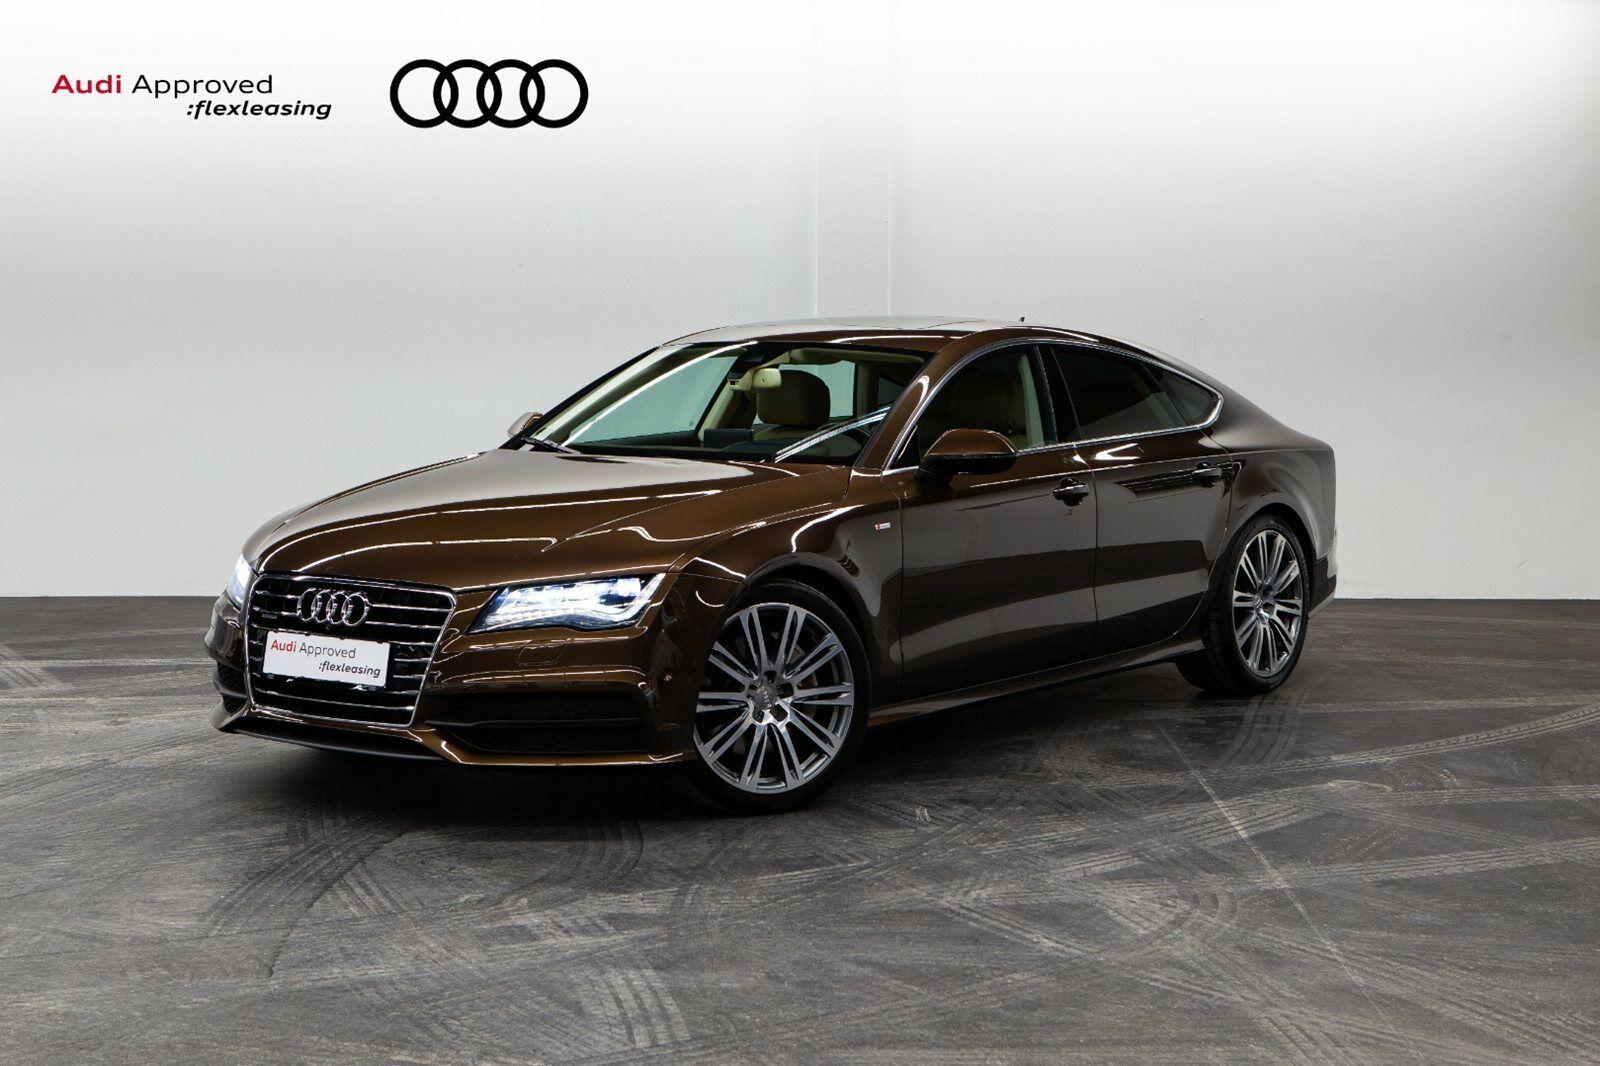 Audi A7 3,0 TDi 313 SB quattro Tiptr. 5d - 2.990 kr.